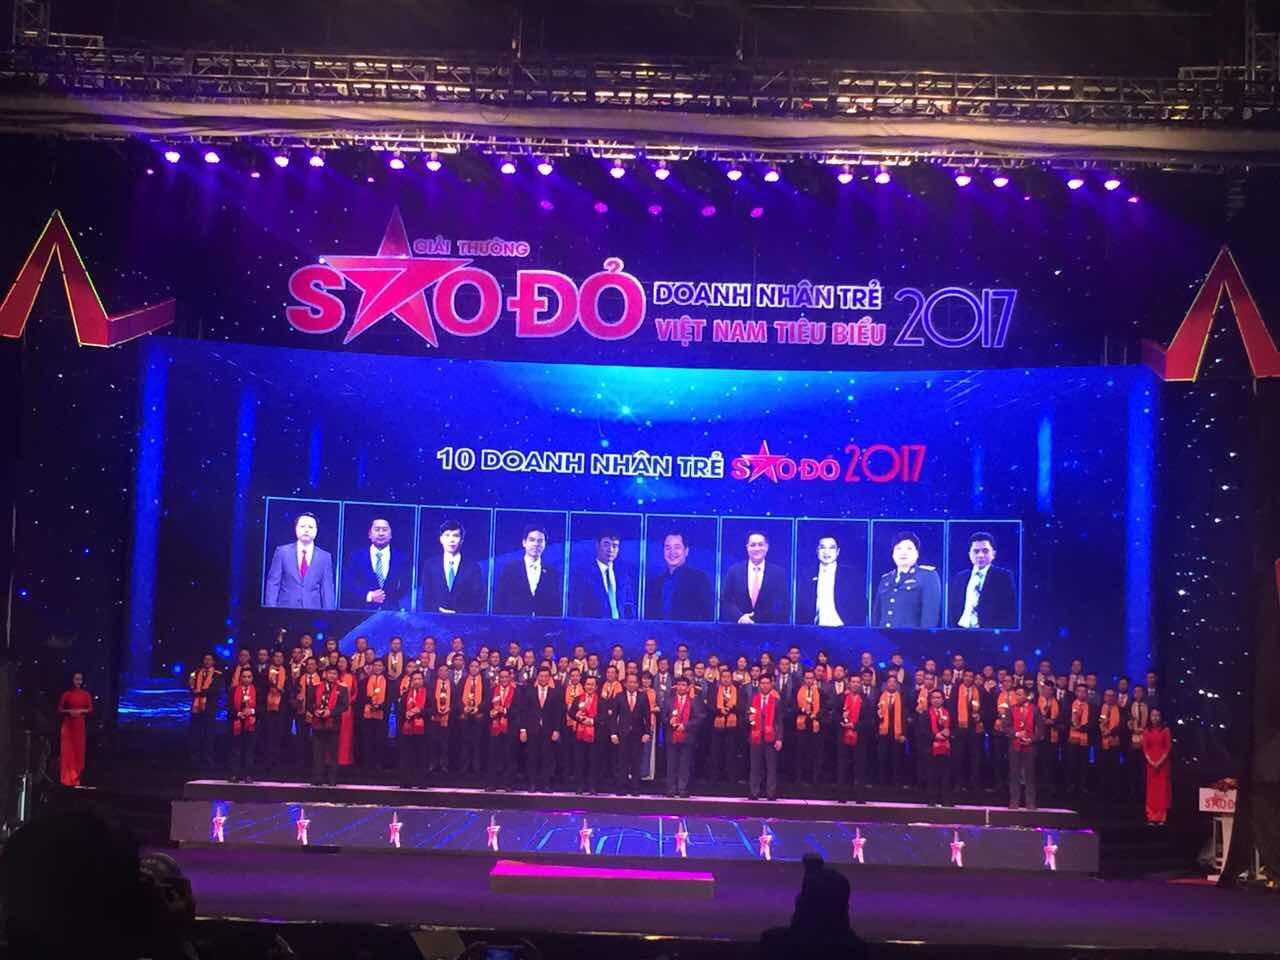 Giải thưởng Sao Ðỏ - Doanh nhân trẻ Việt Nam tiêu biểu năm 2017